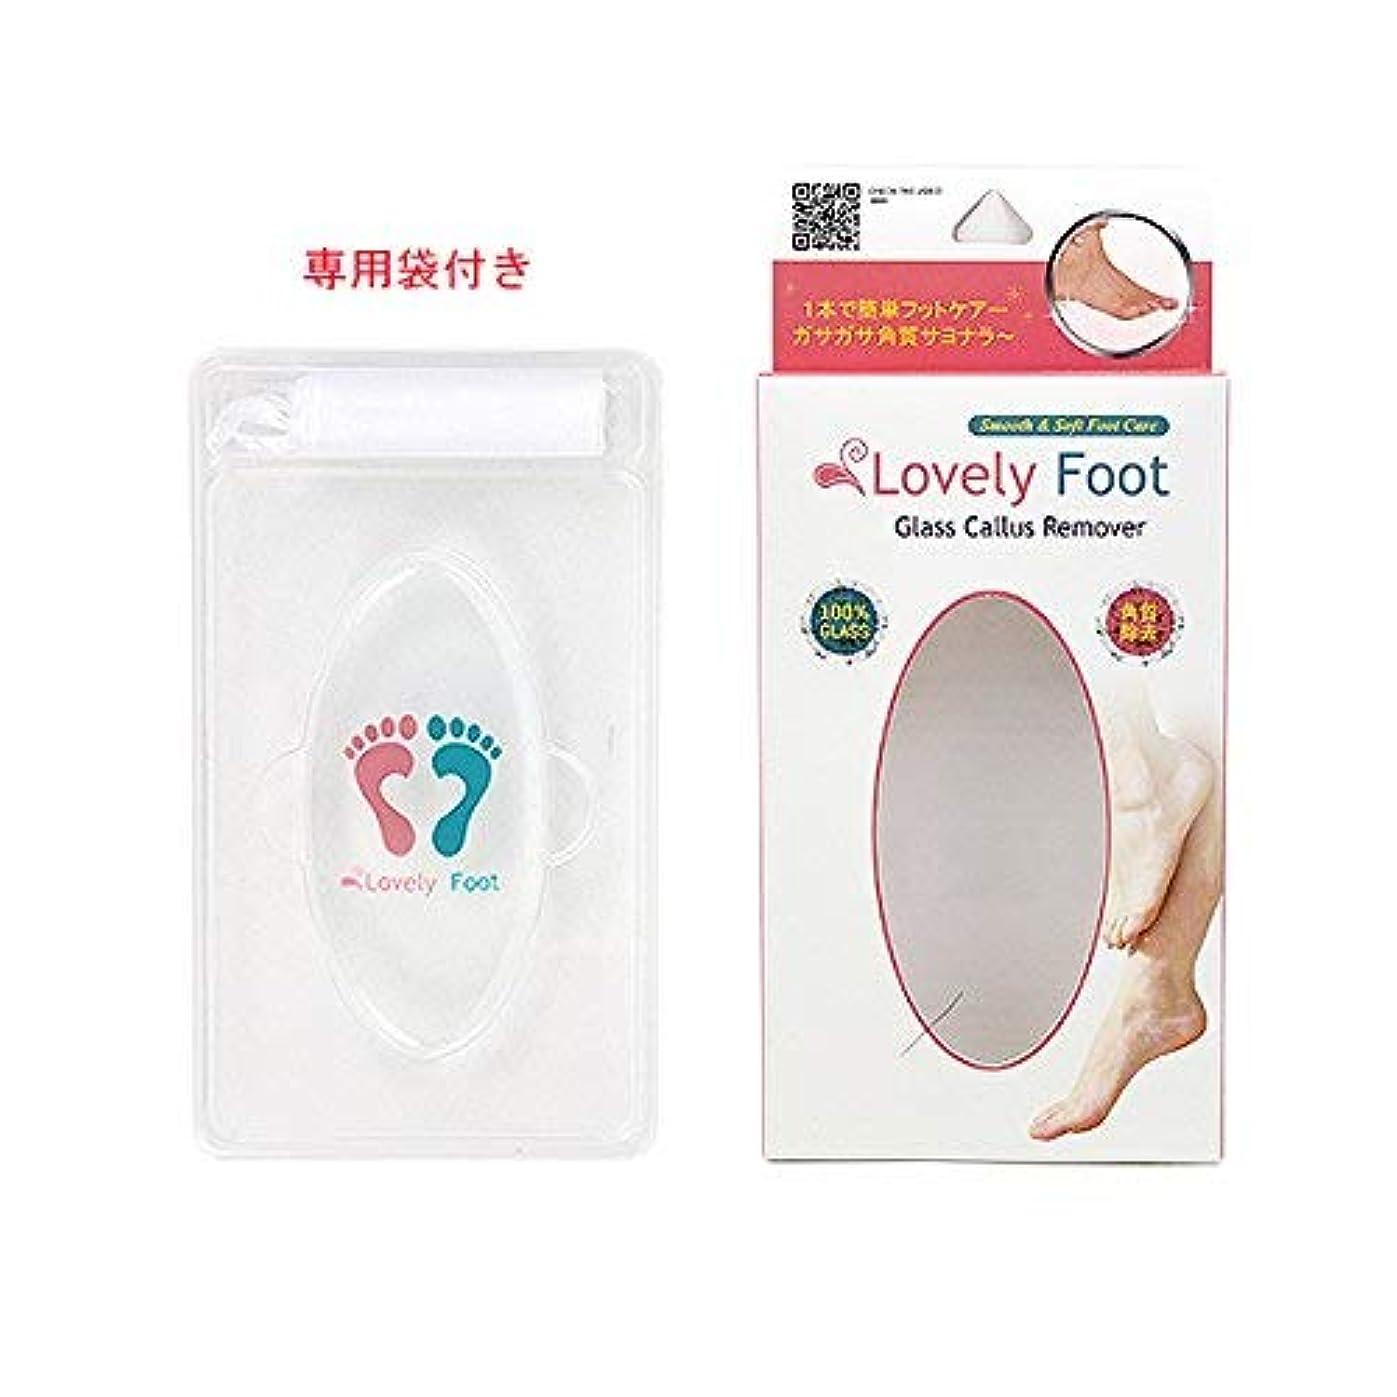 青規制する軌道Lovely Foot Glass Callus Remover (ガラス角質取り)